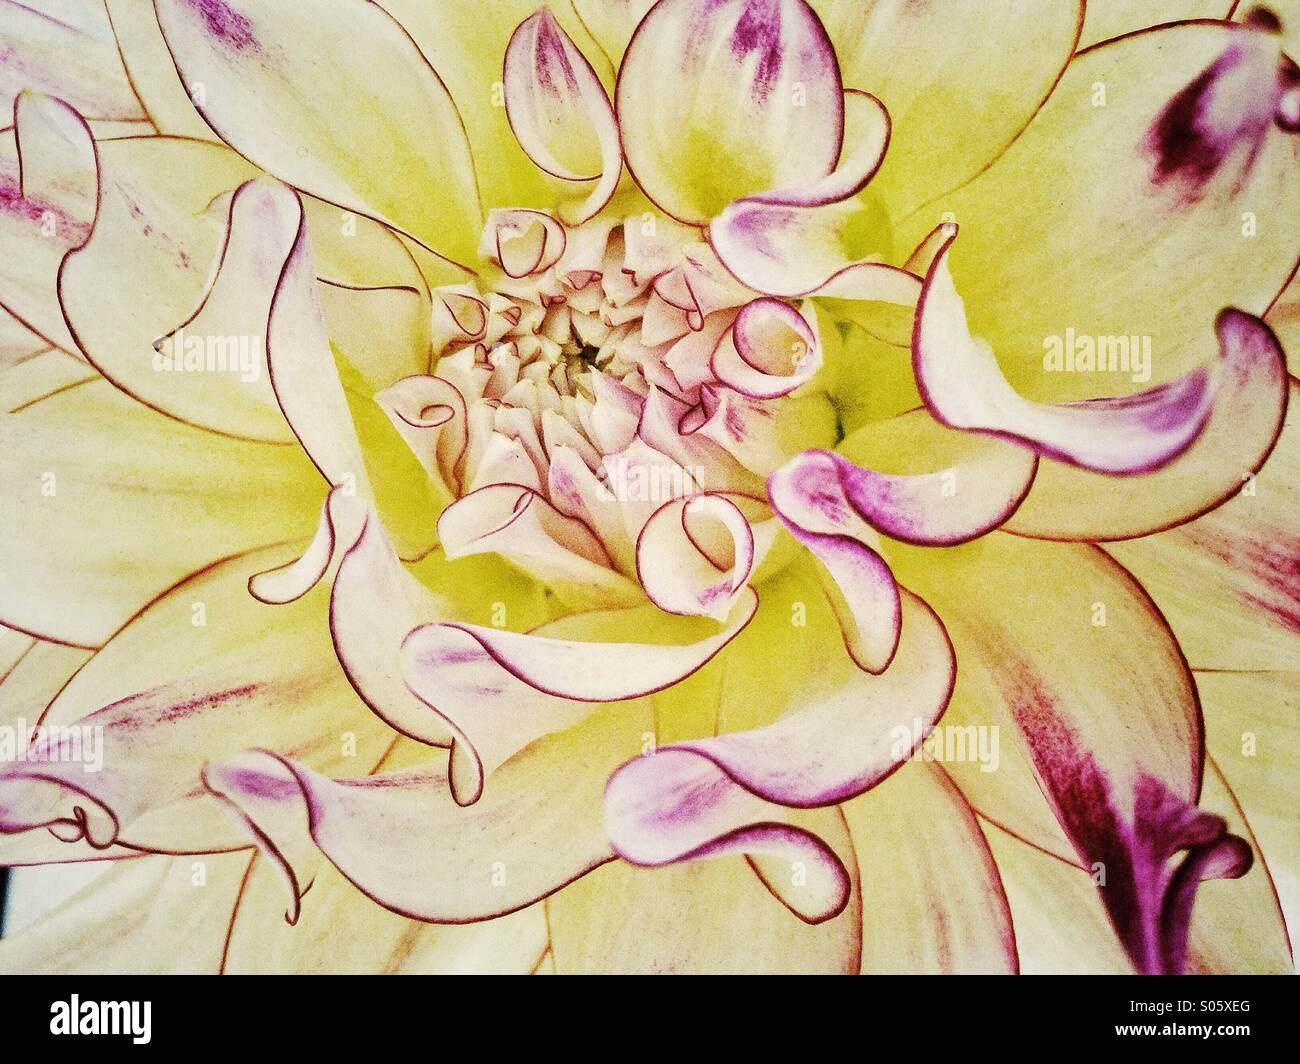 Amarillo y rosa flor. Imagen De Stock